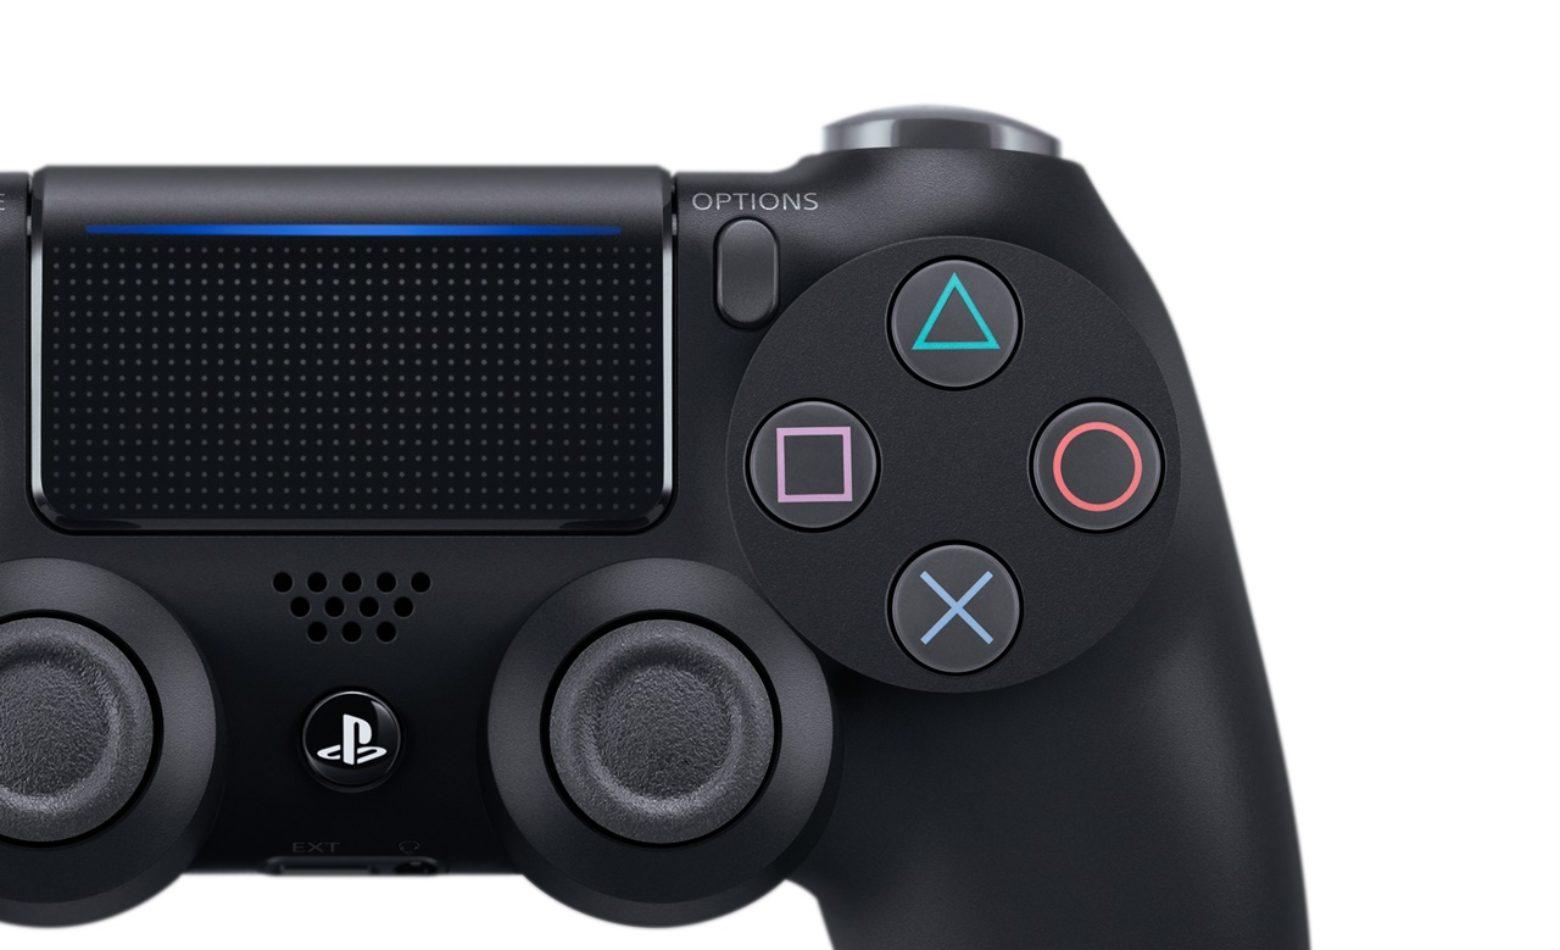 """O que há de diferente no """"novo"""" controle do PS4?"""